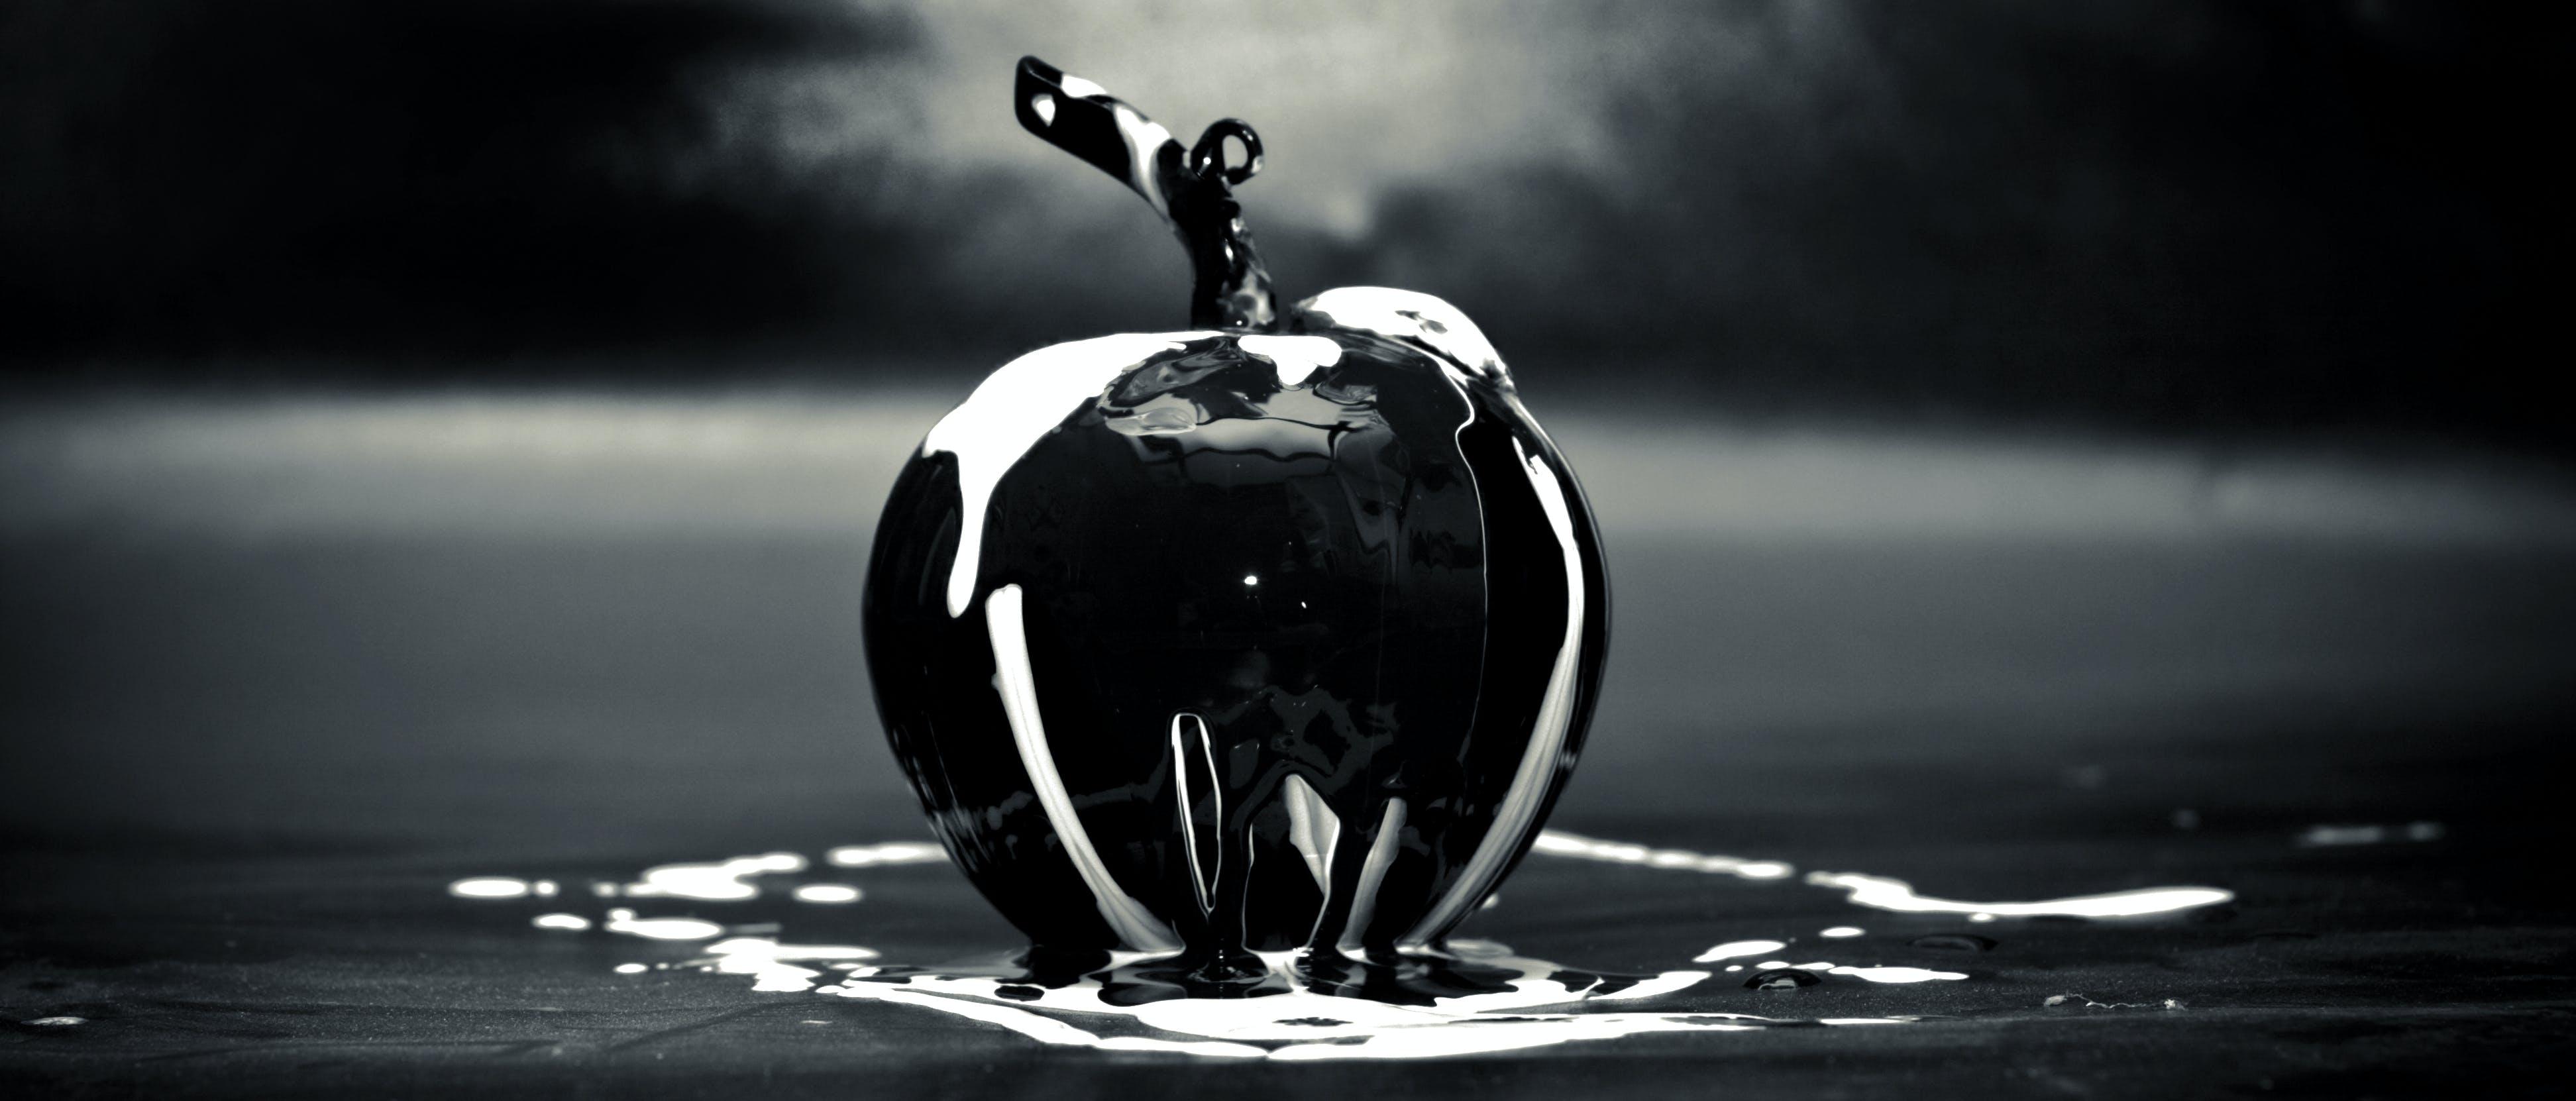 apple, art, black